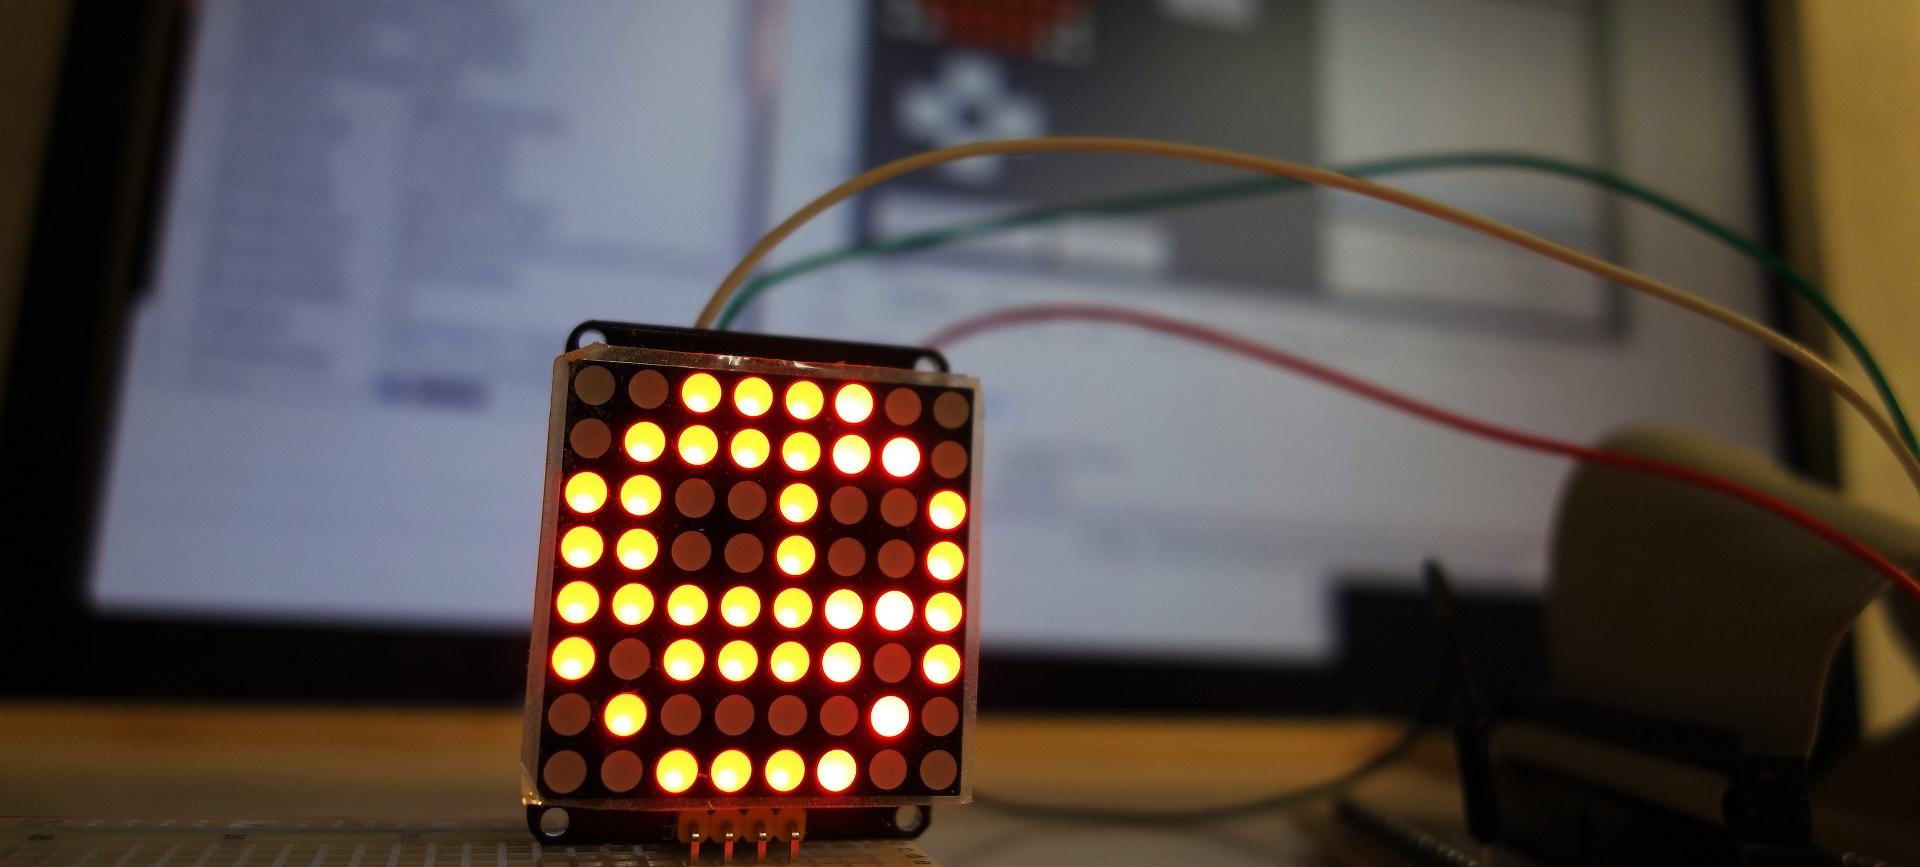 8×8 LED-Matrix mit Raspberry und Lazarus